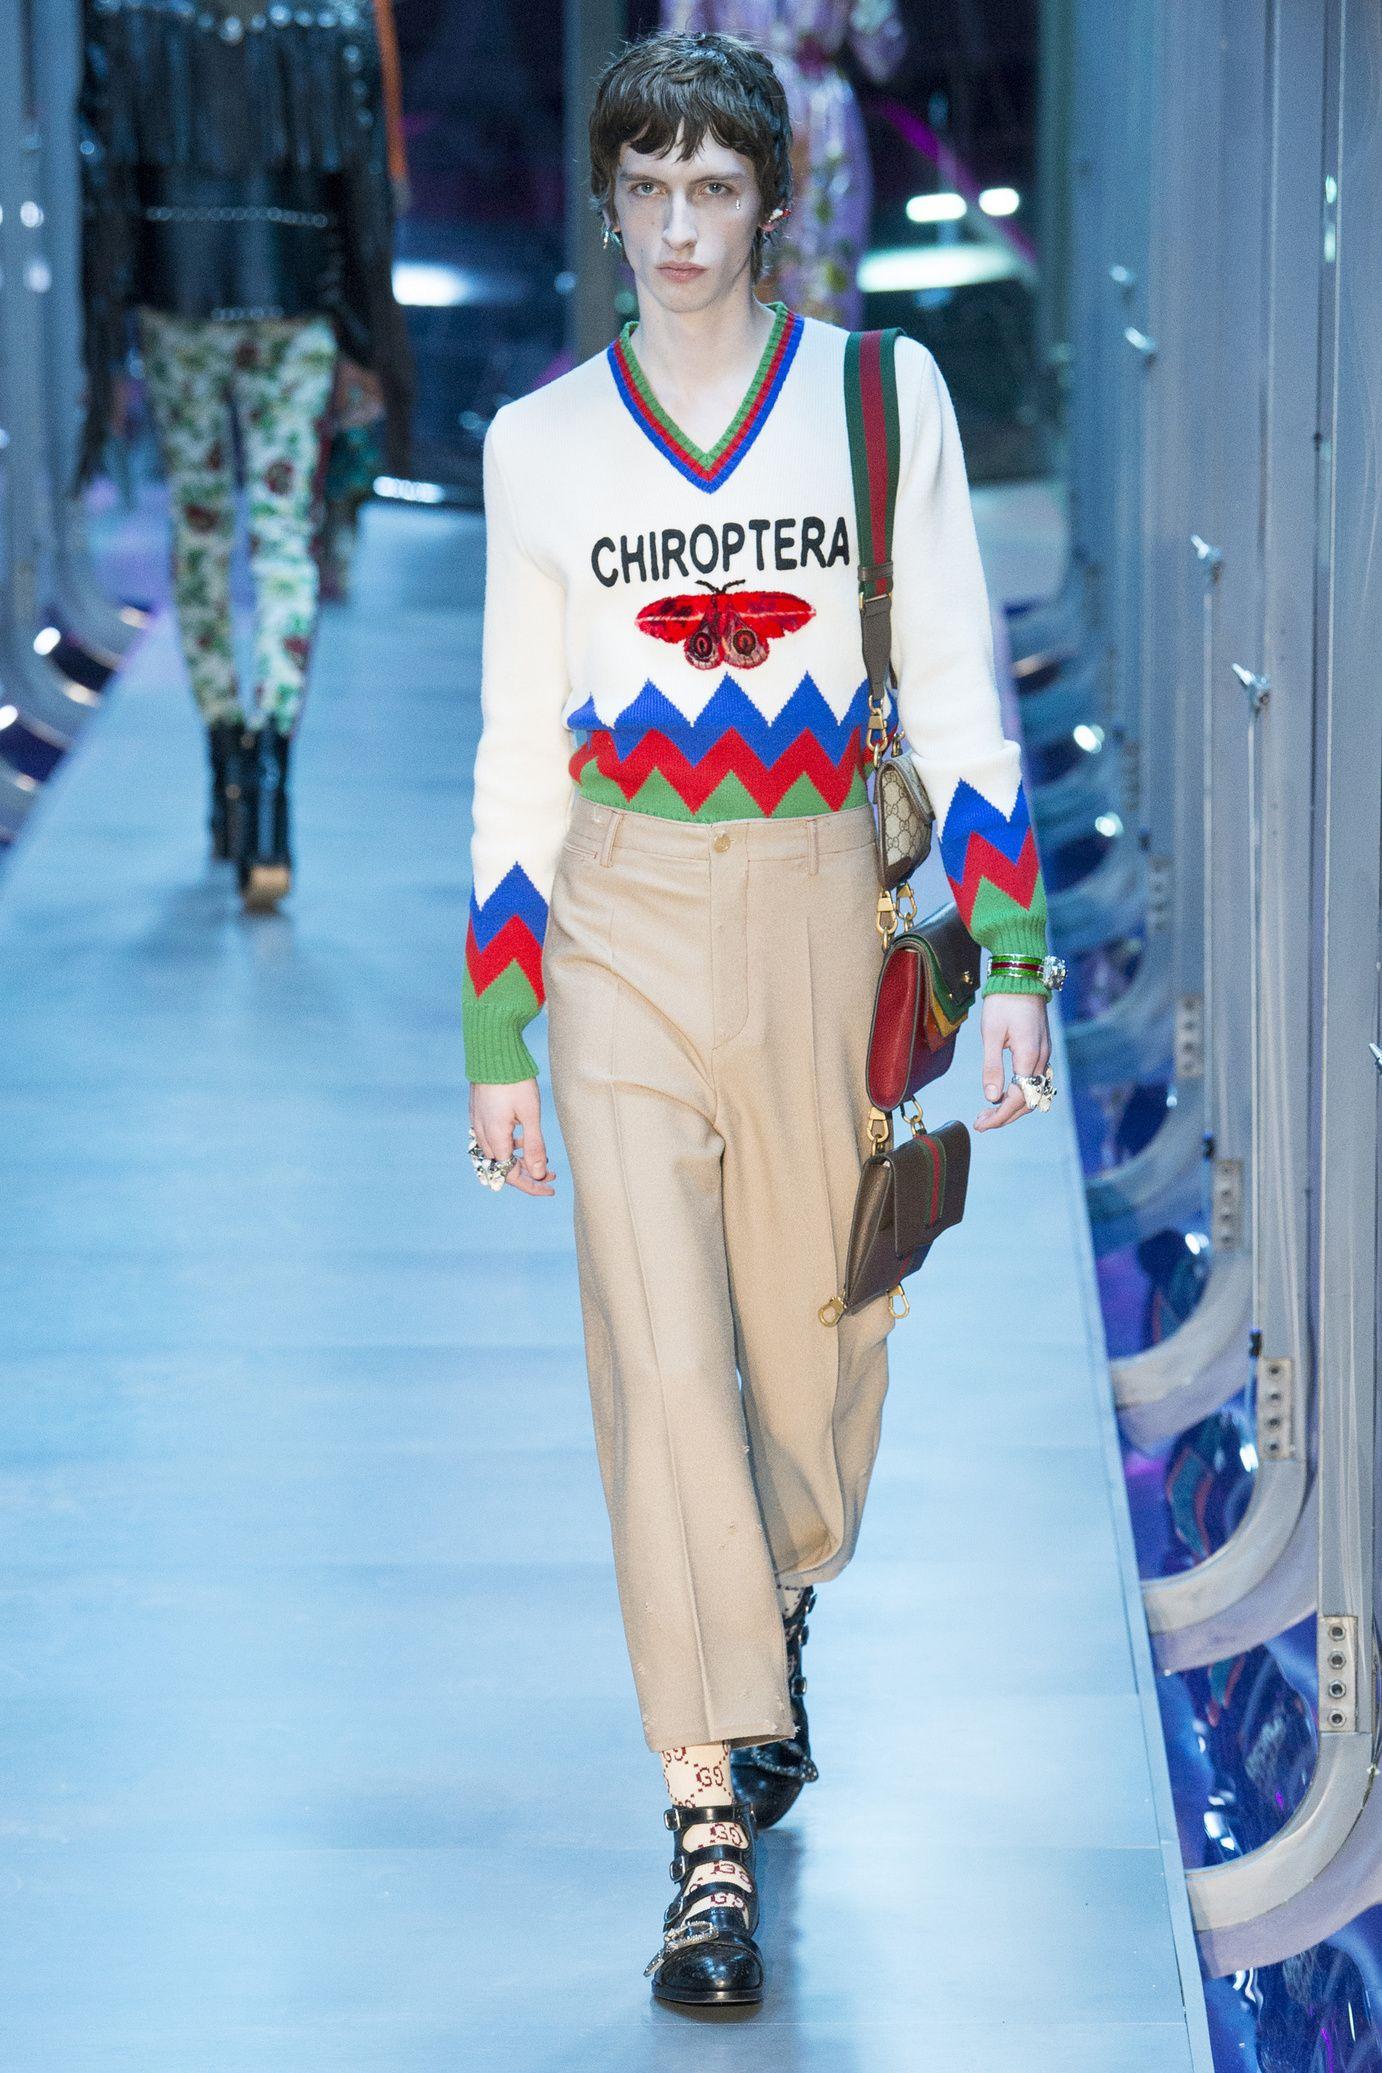 bb42d86128866  DéfiléGucci  fashion  Koshchenets Défilé Gucci prêt-à-porter femme automne-hiver  2017-2018 31